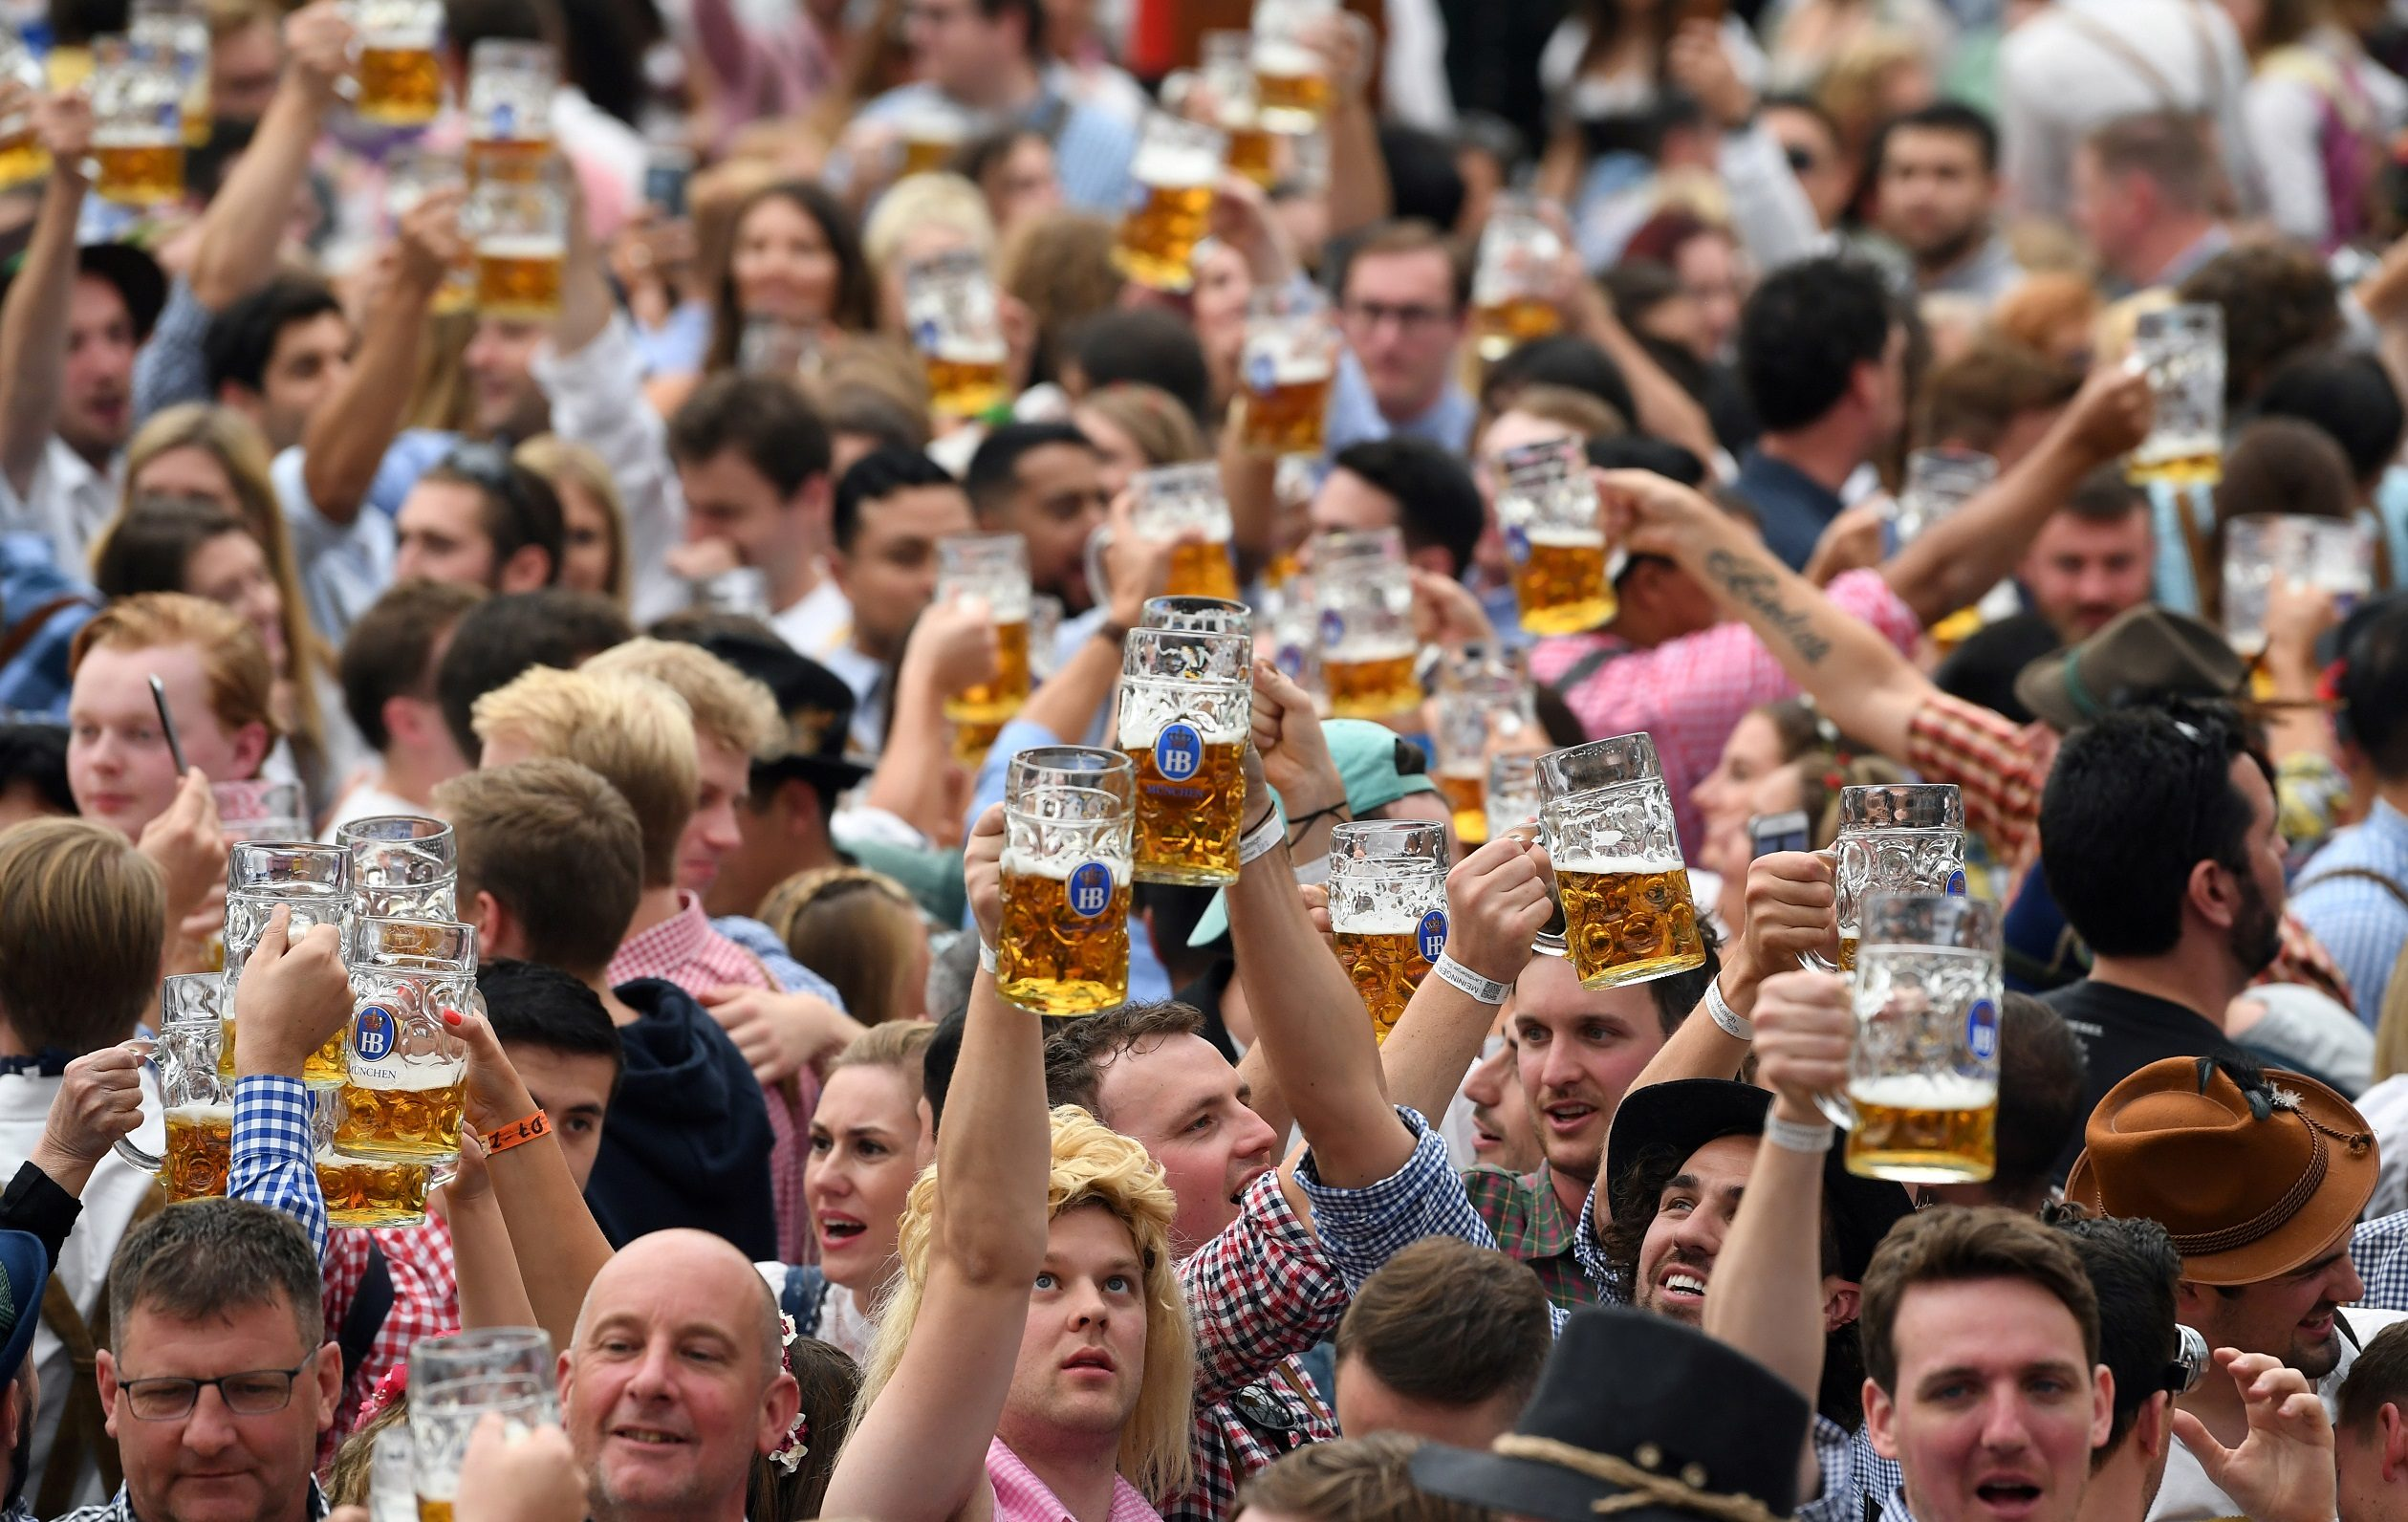 หวั่นโควิด! เยอรมนียกเลิกเทศกาล 'อ็อกโทเบอร์เฟสต์' ปีนี้